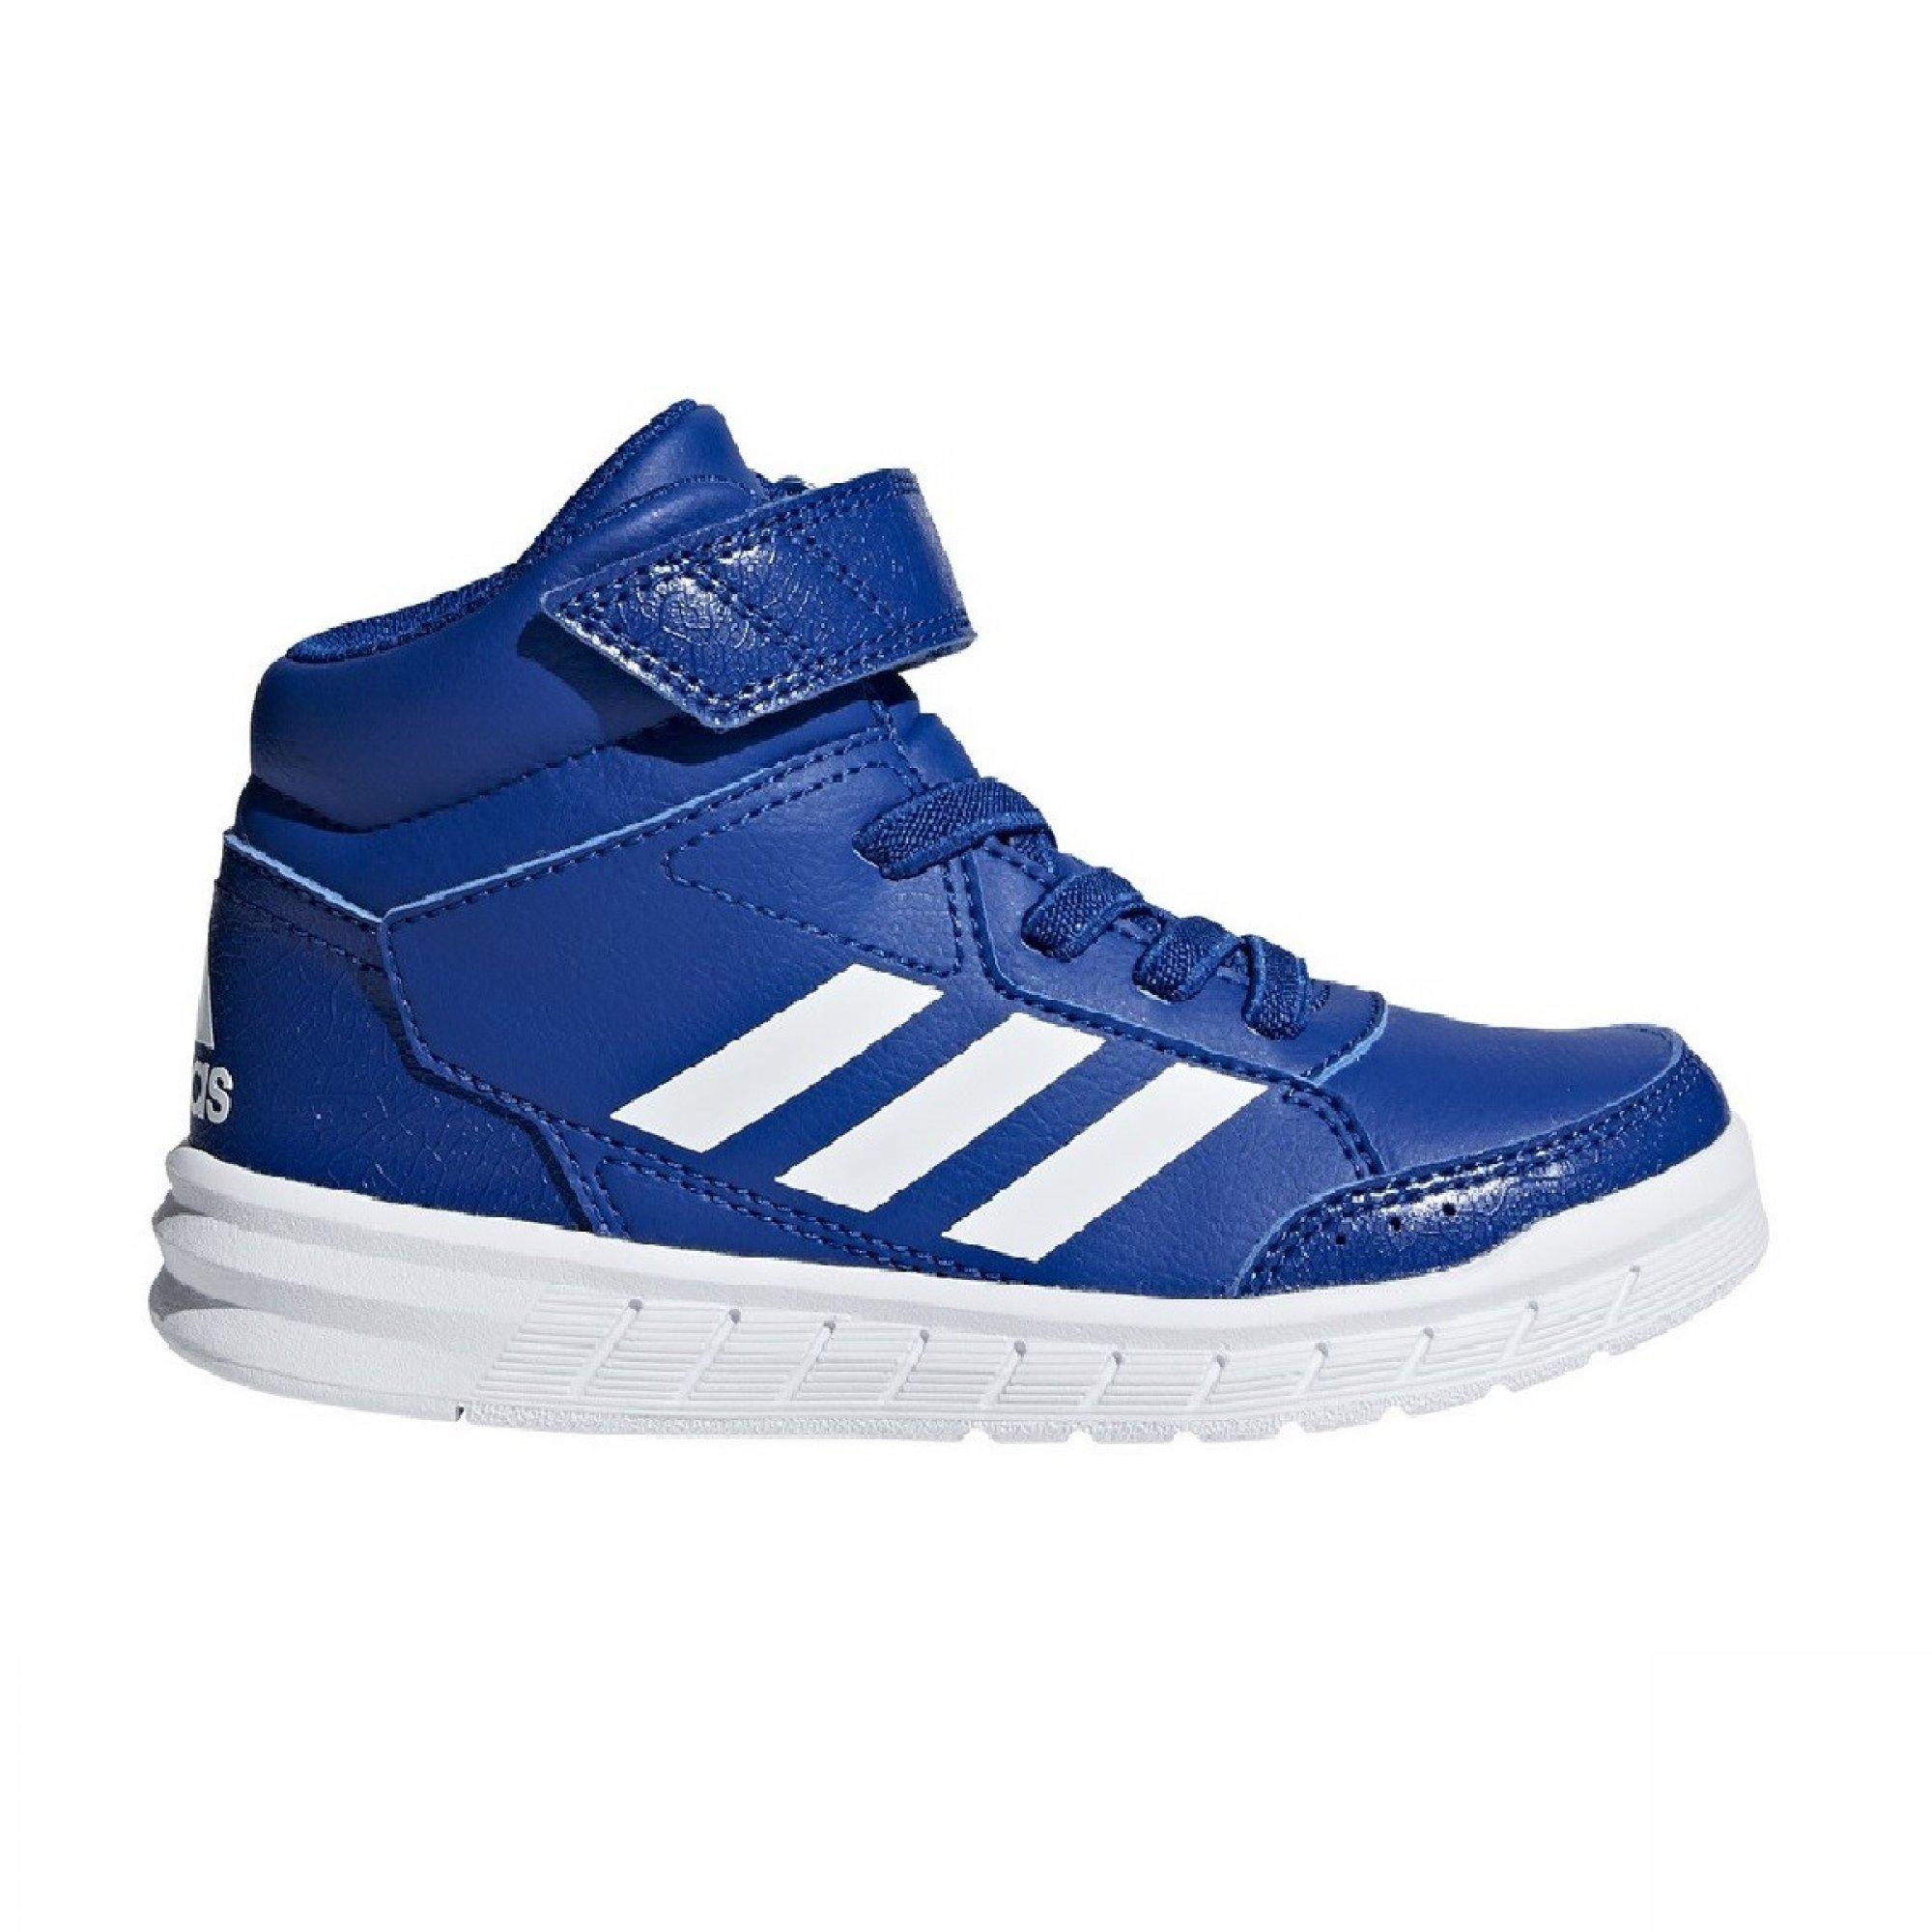 1bf3a155095 adidas Performance Adidas AltaSport Mid EL K - Glami.gr